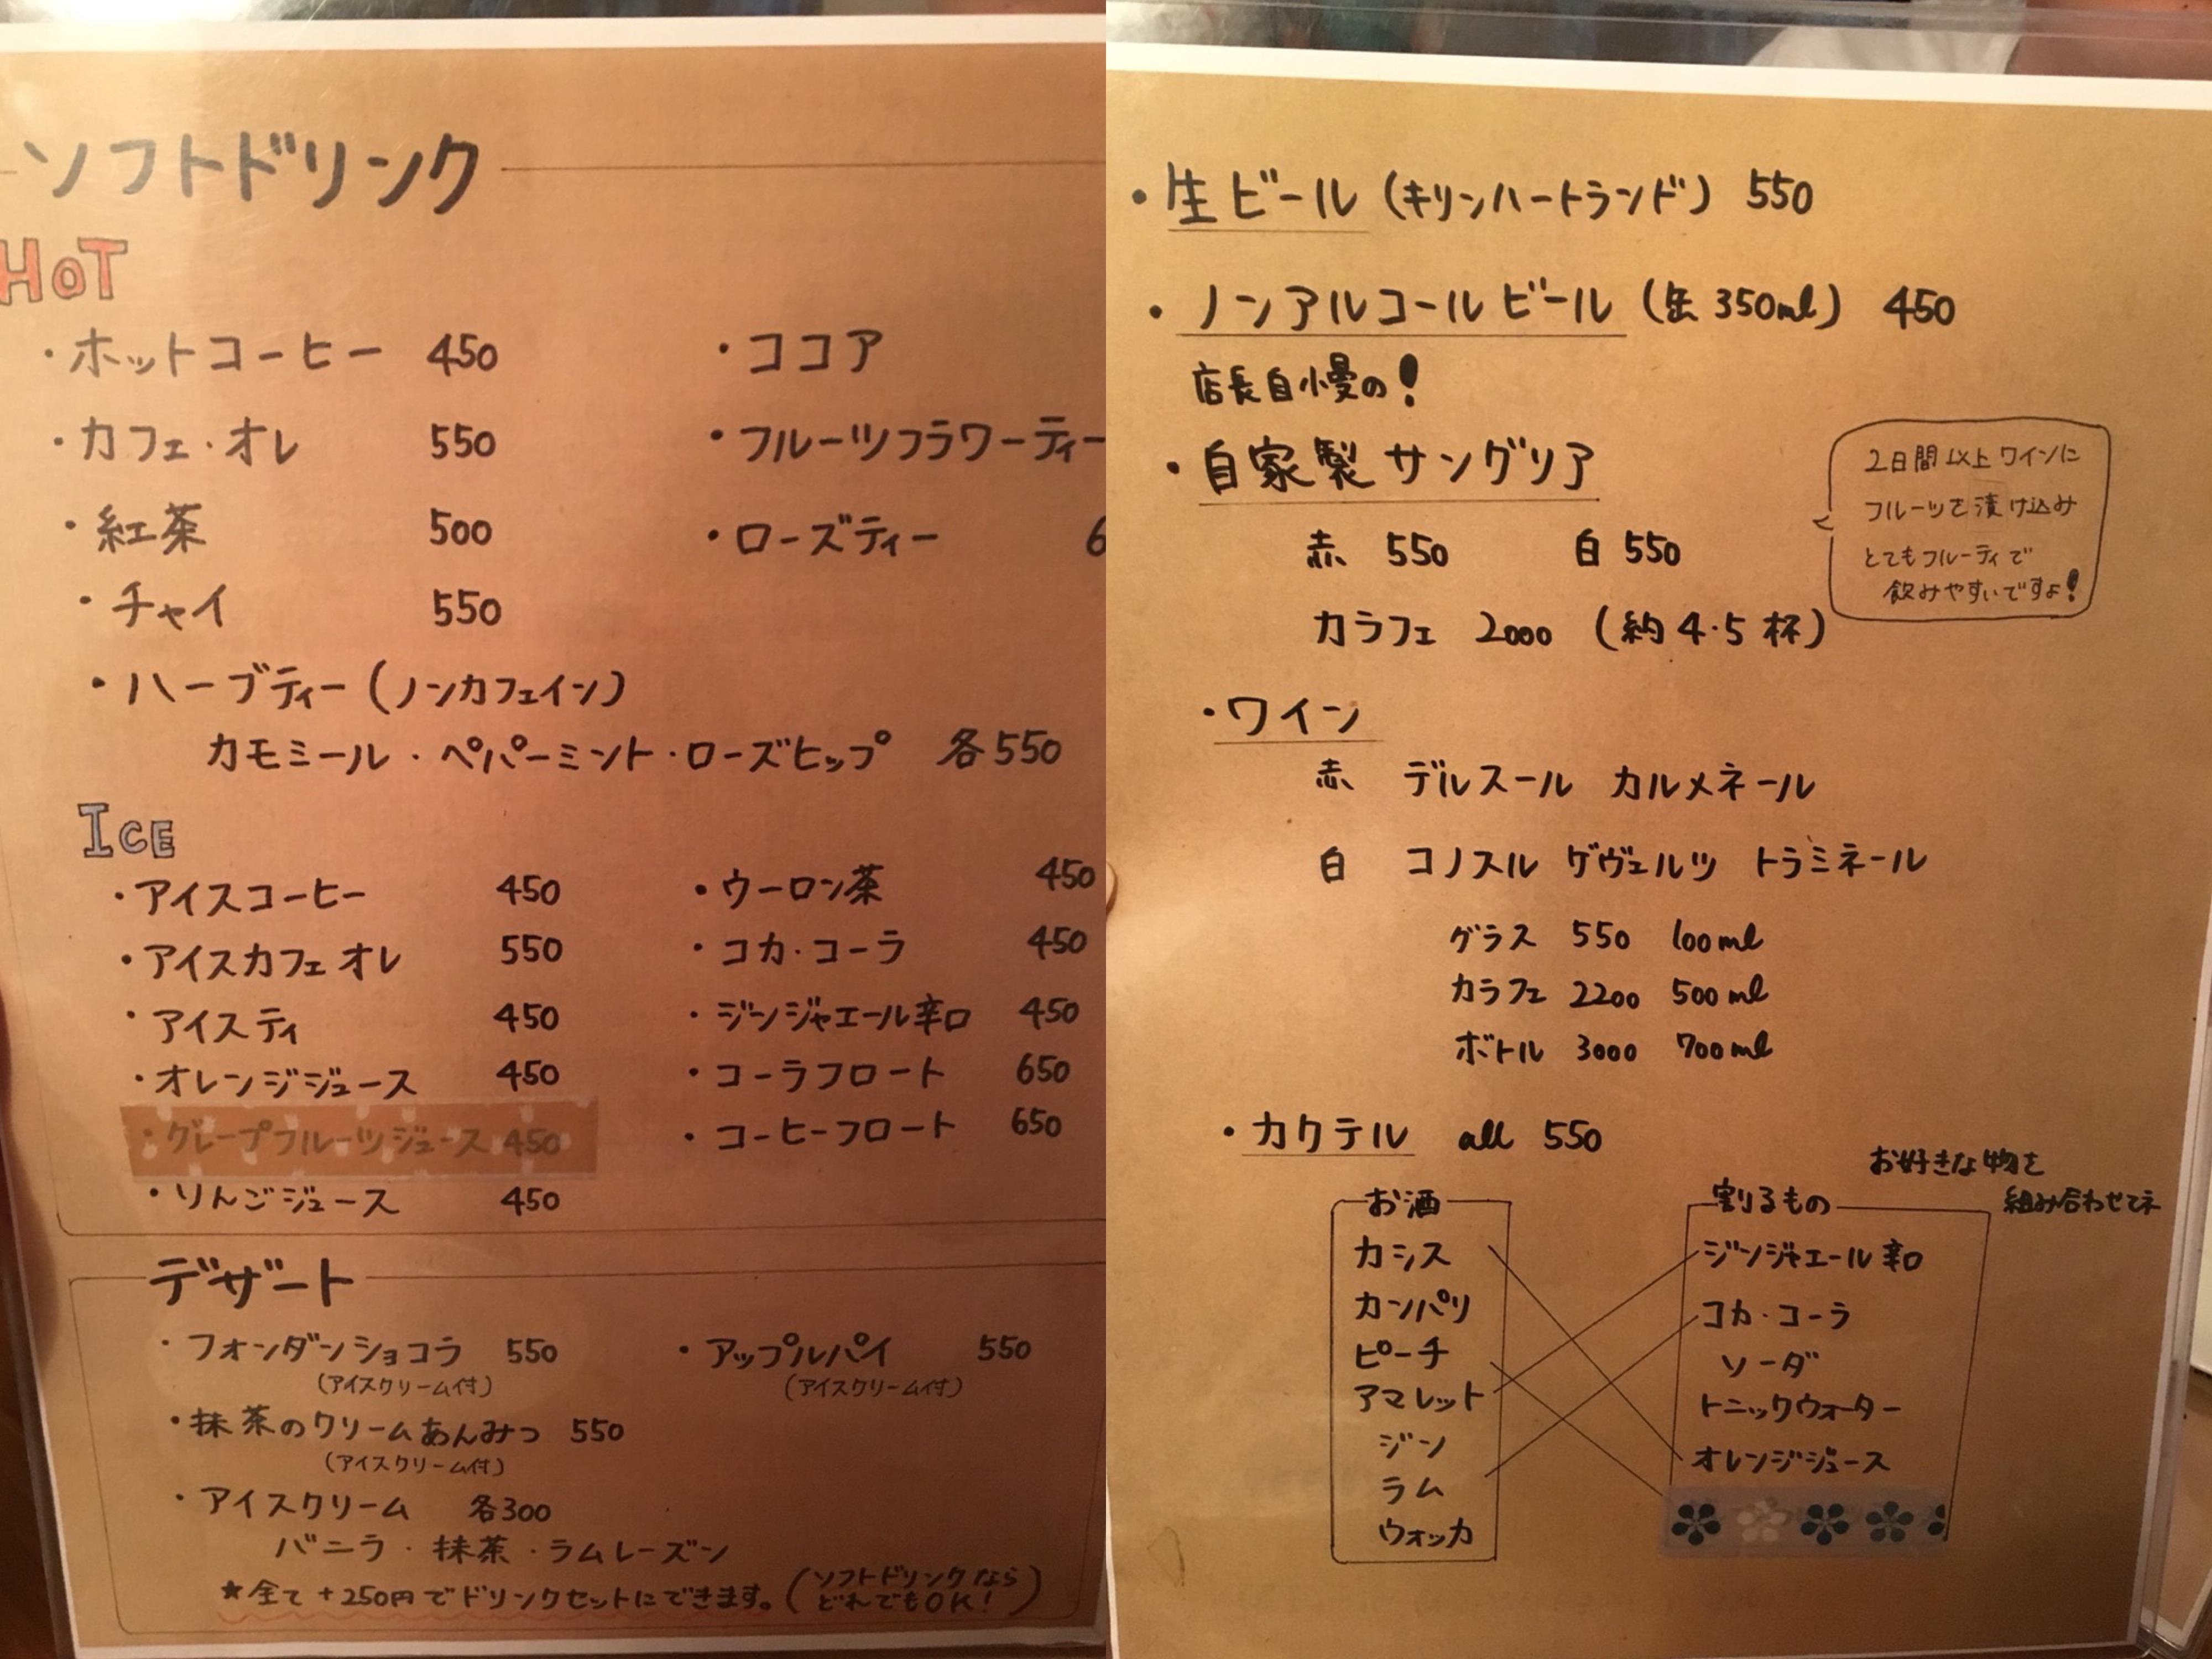 吉祥寺スジガイカフェのディナーメニューの画像